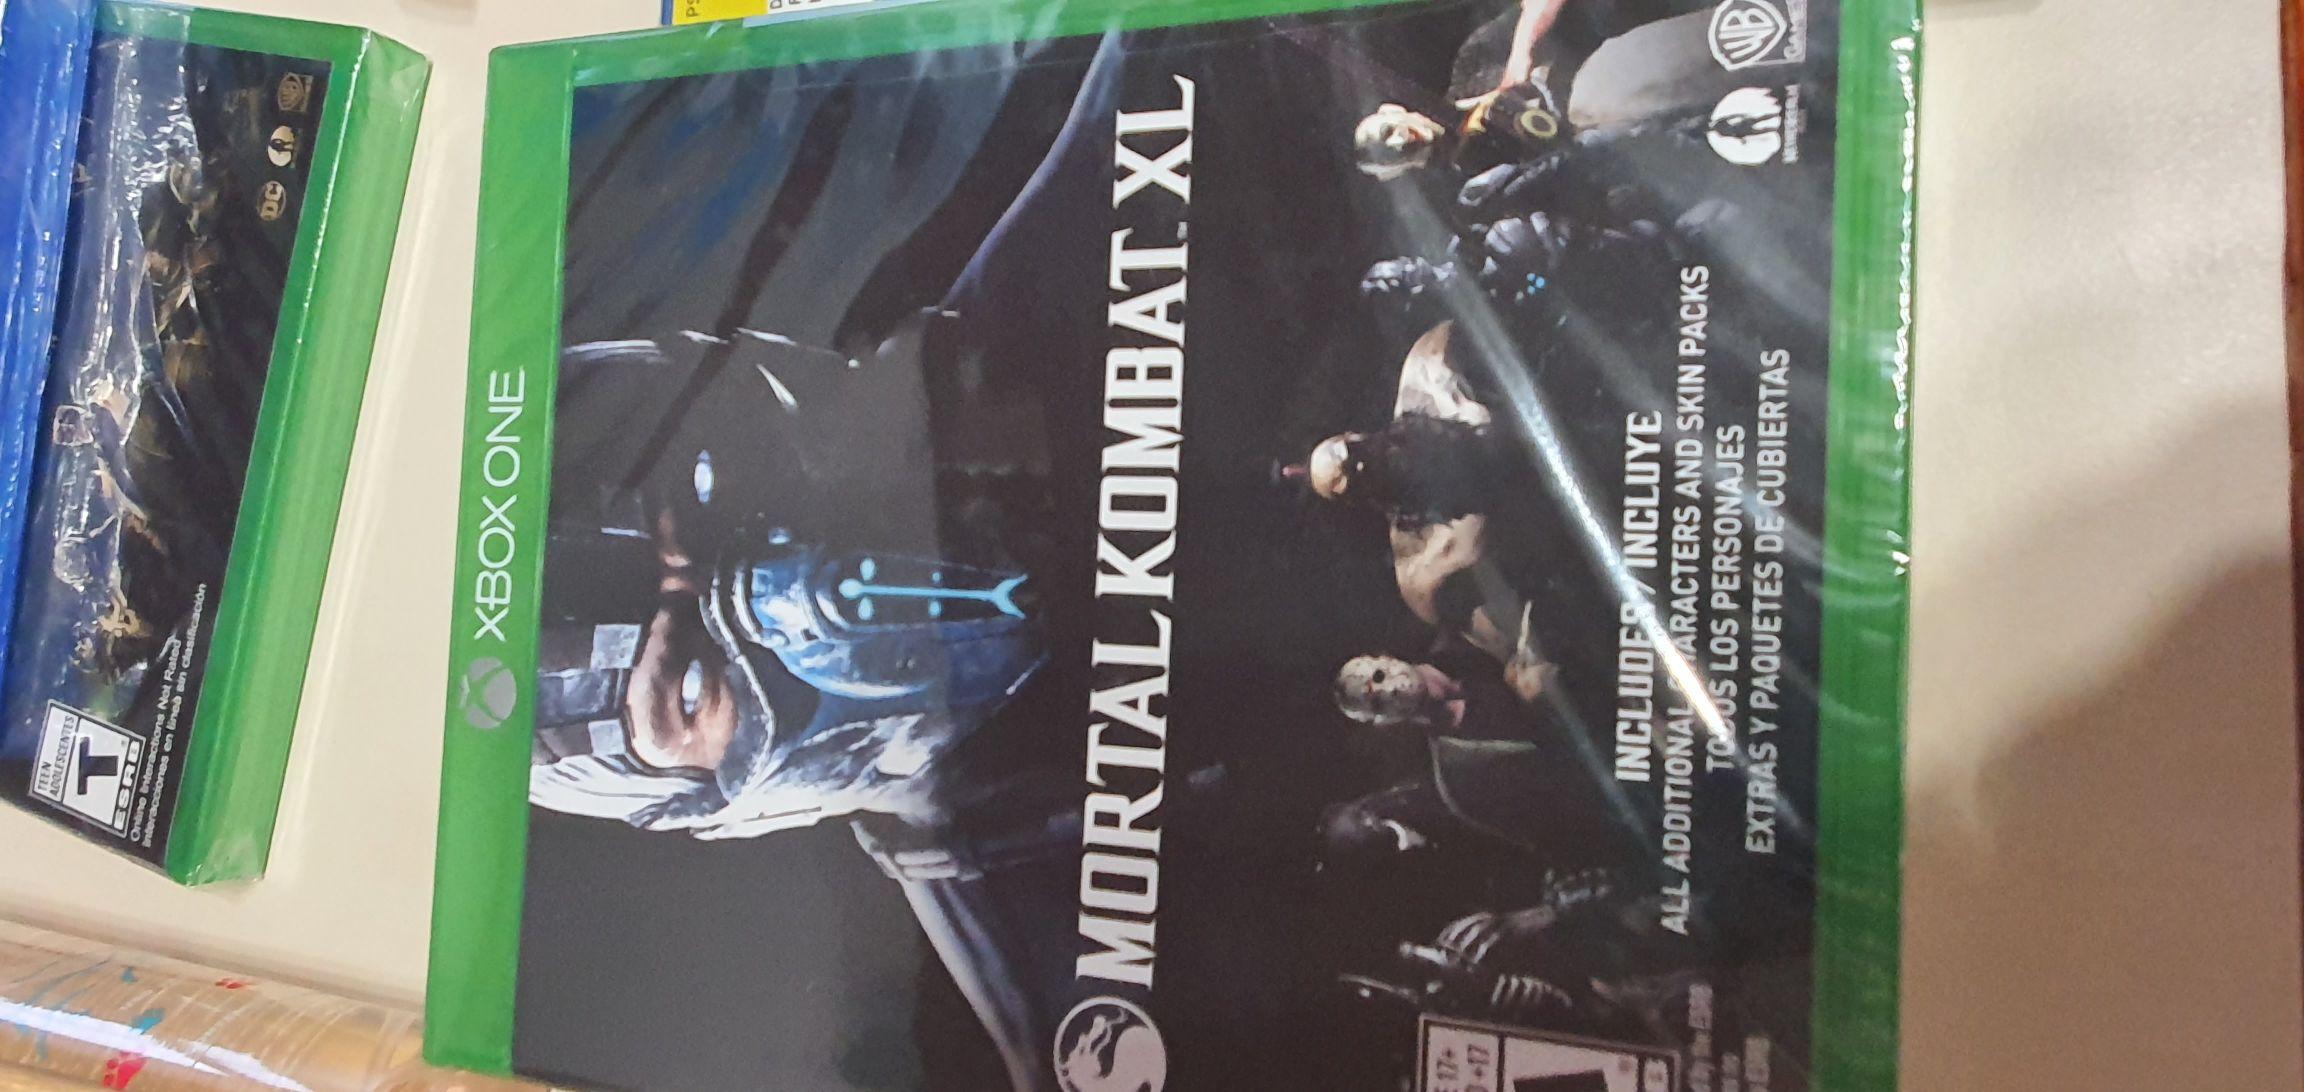 Bodega Aurrera: Mortal Kombat XL para xbox y ps4